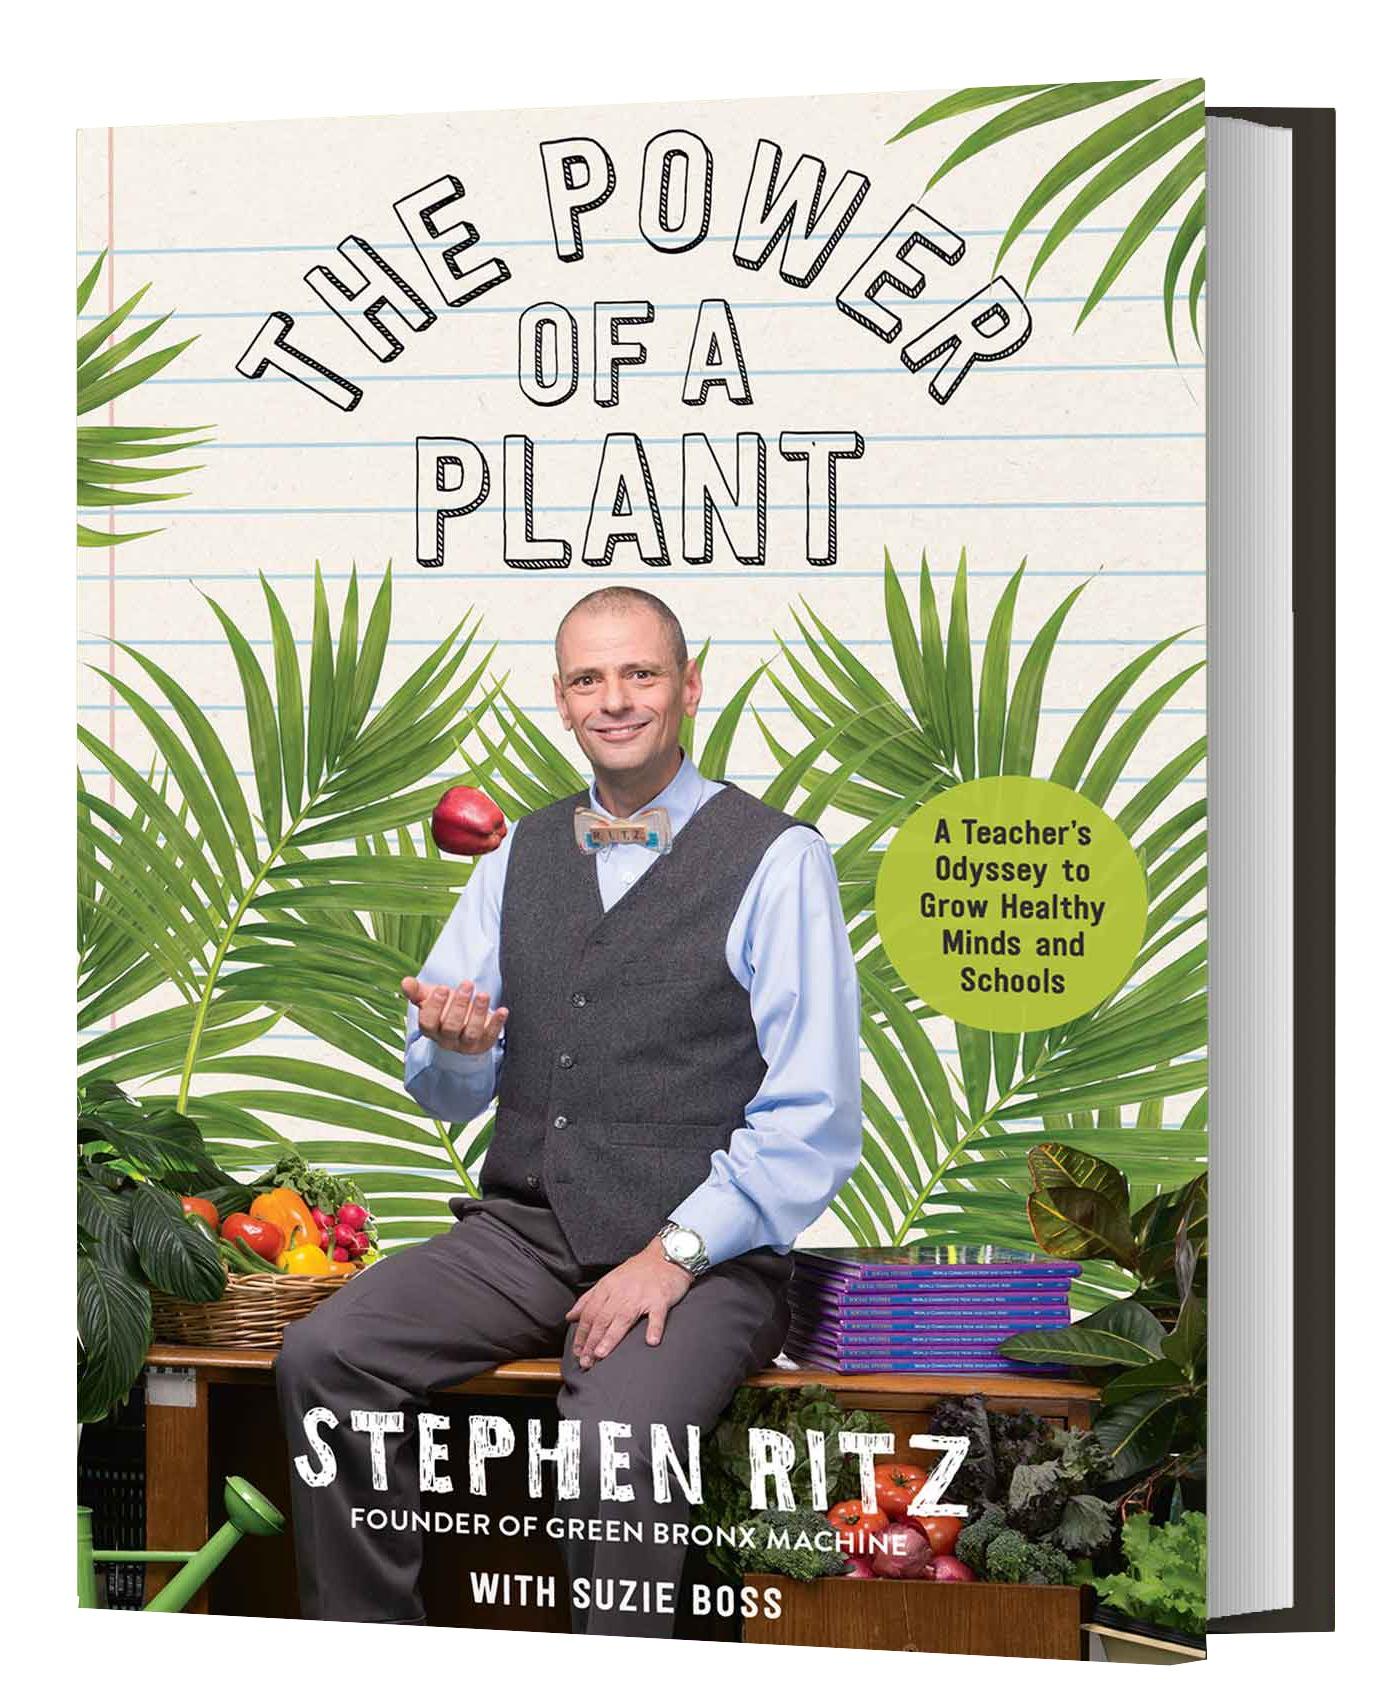 Stephen Ritz has a Book!